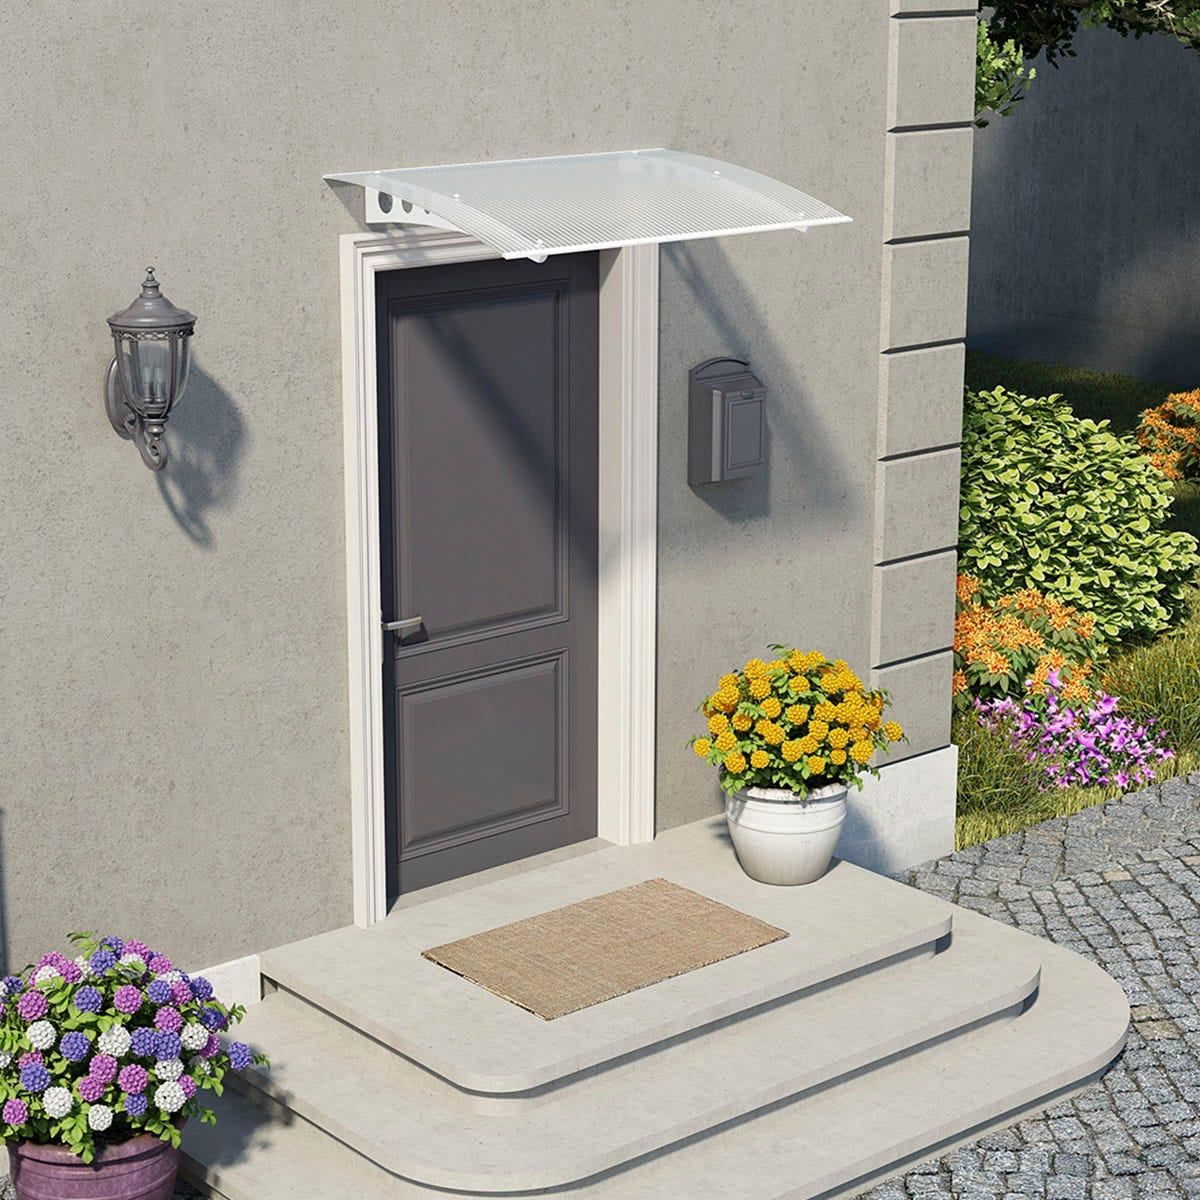 Palram - Canopia Lyra Door Canopy - White